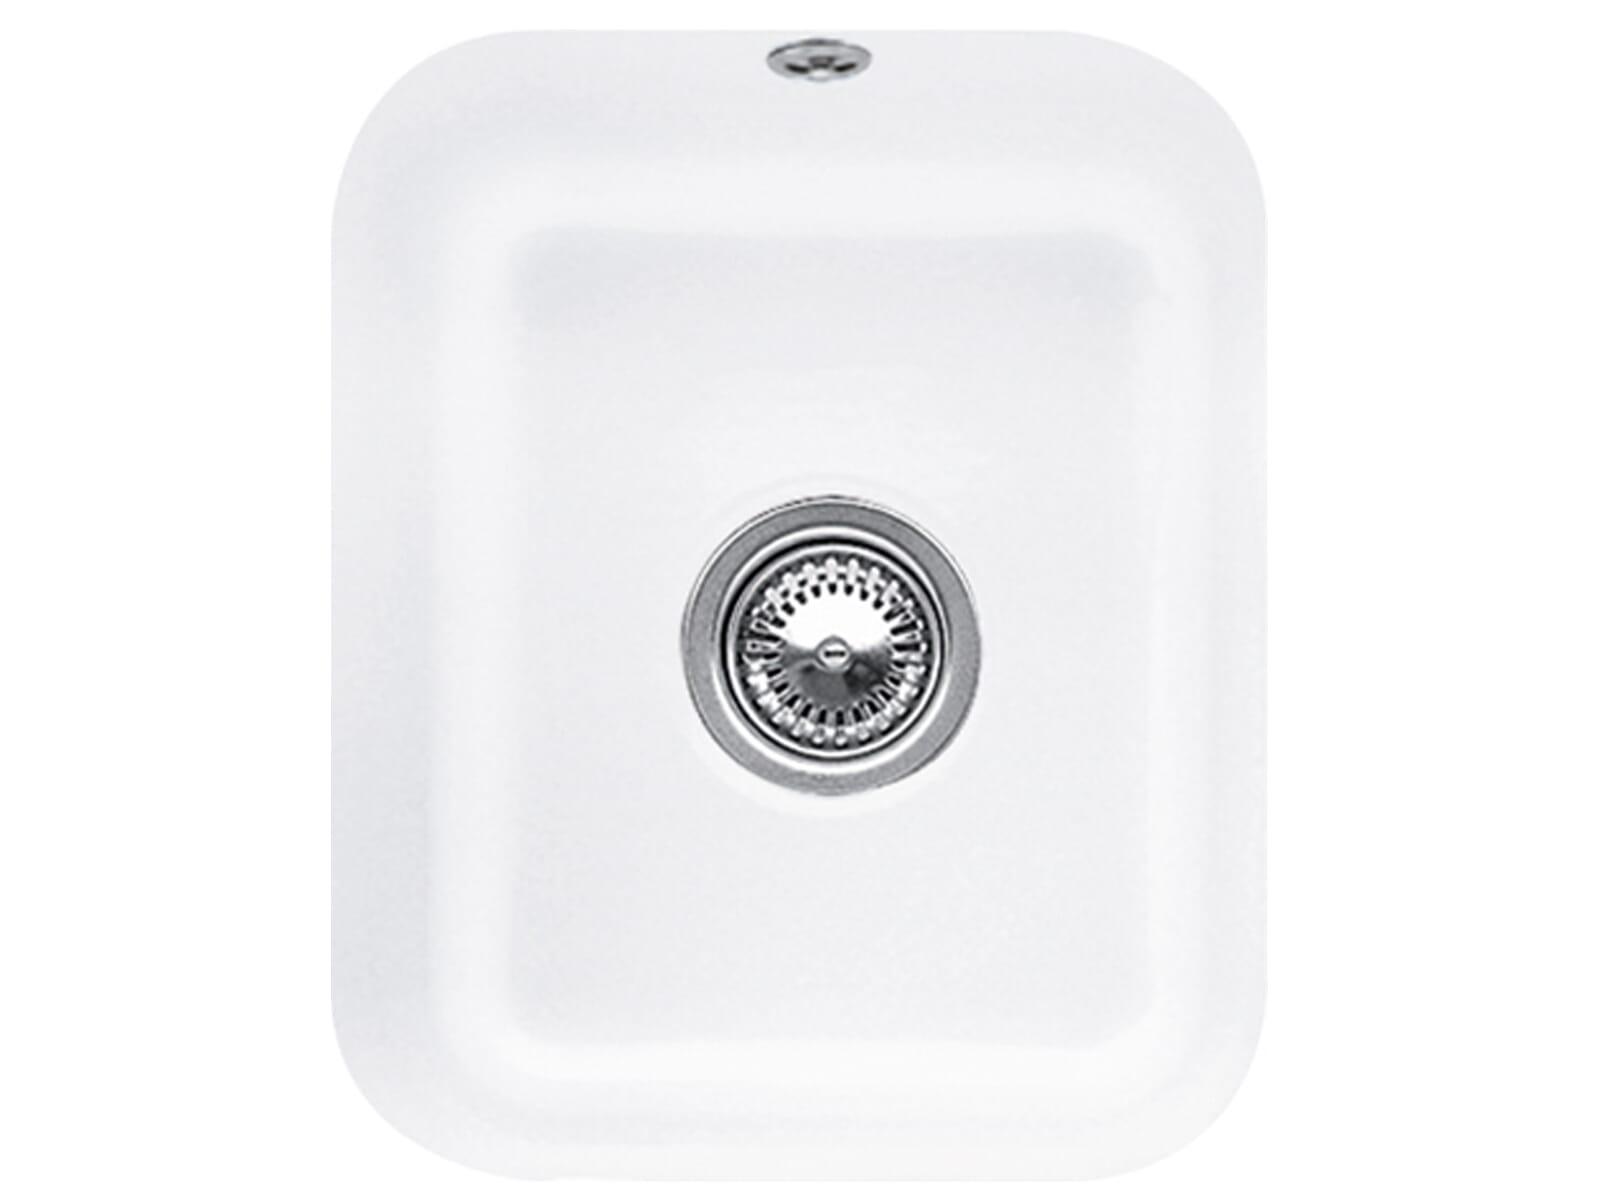 Villeroy & Boch Cisterna 45 Stone White - 6704 01 RW Keramikspüle Handbetätigung